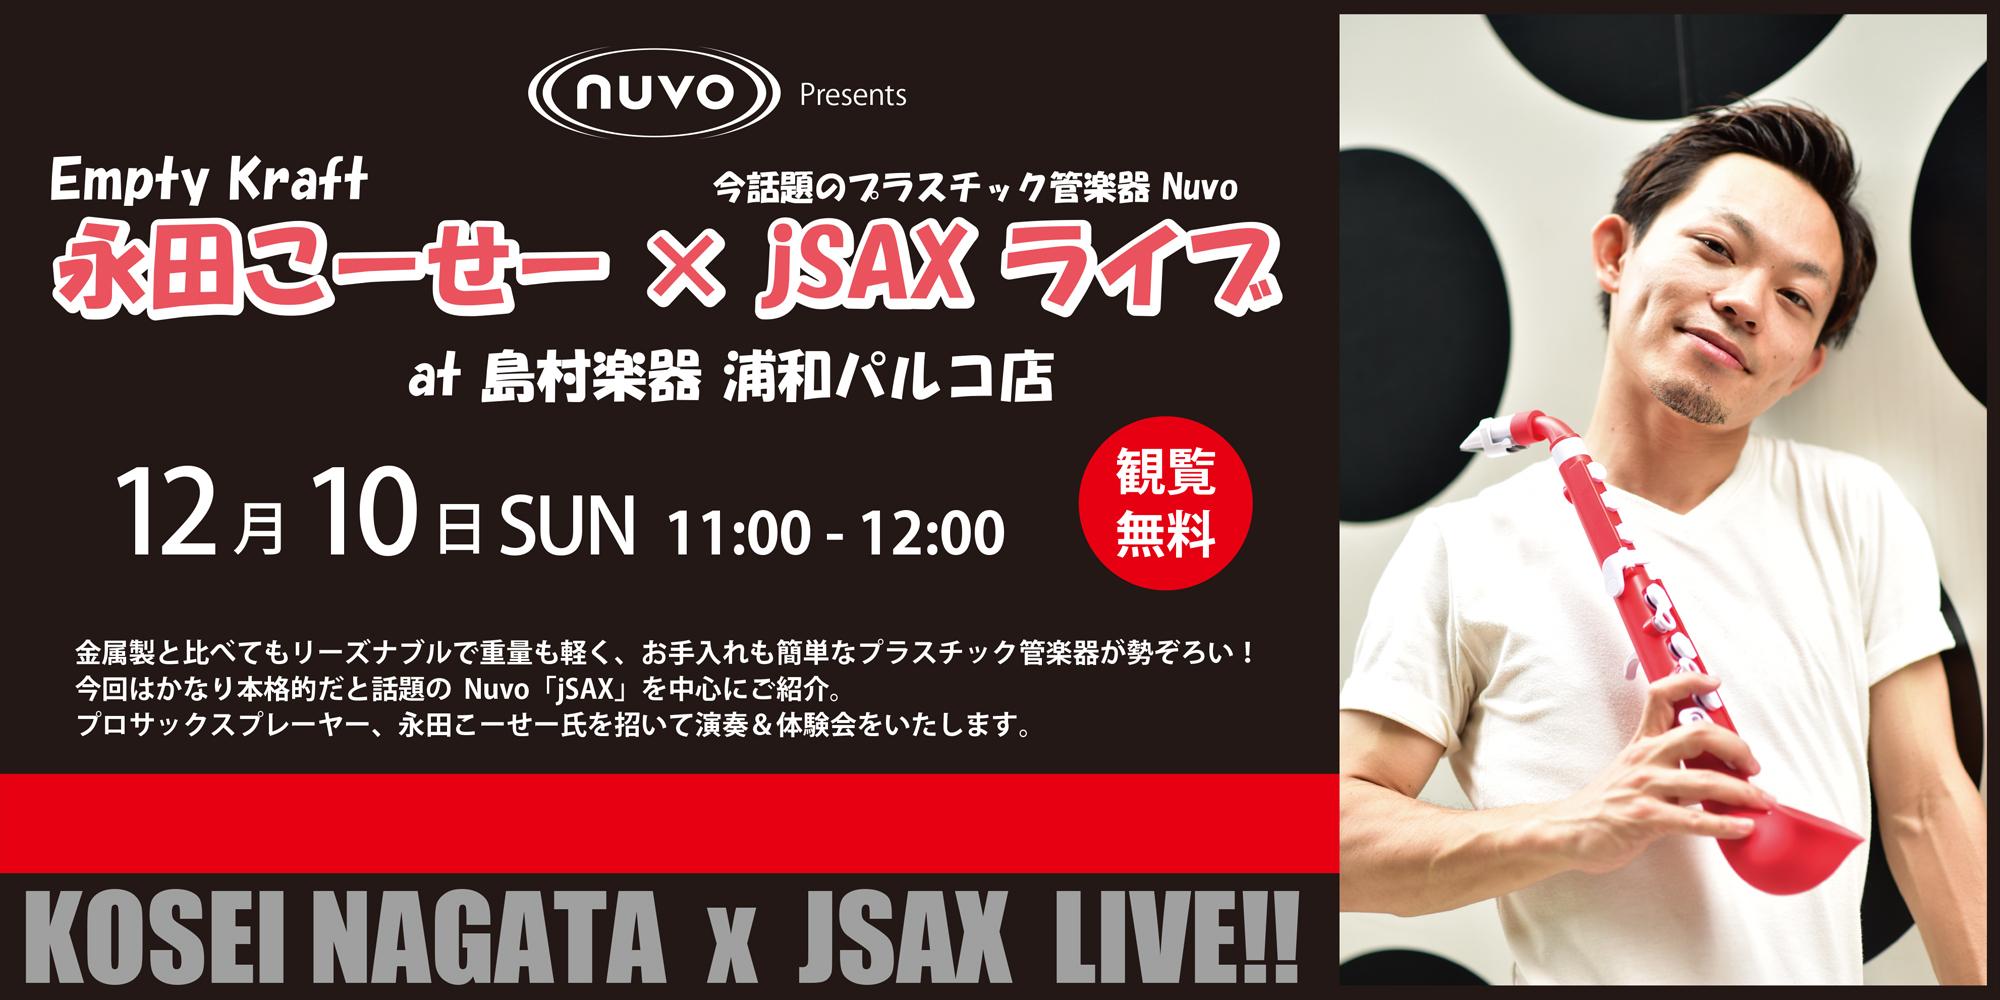 イベント情報「永田こーせー × jSAX ライブ」@島村楽器浦和パルコ店 開催のお知らせ